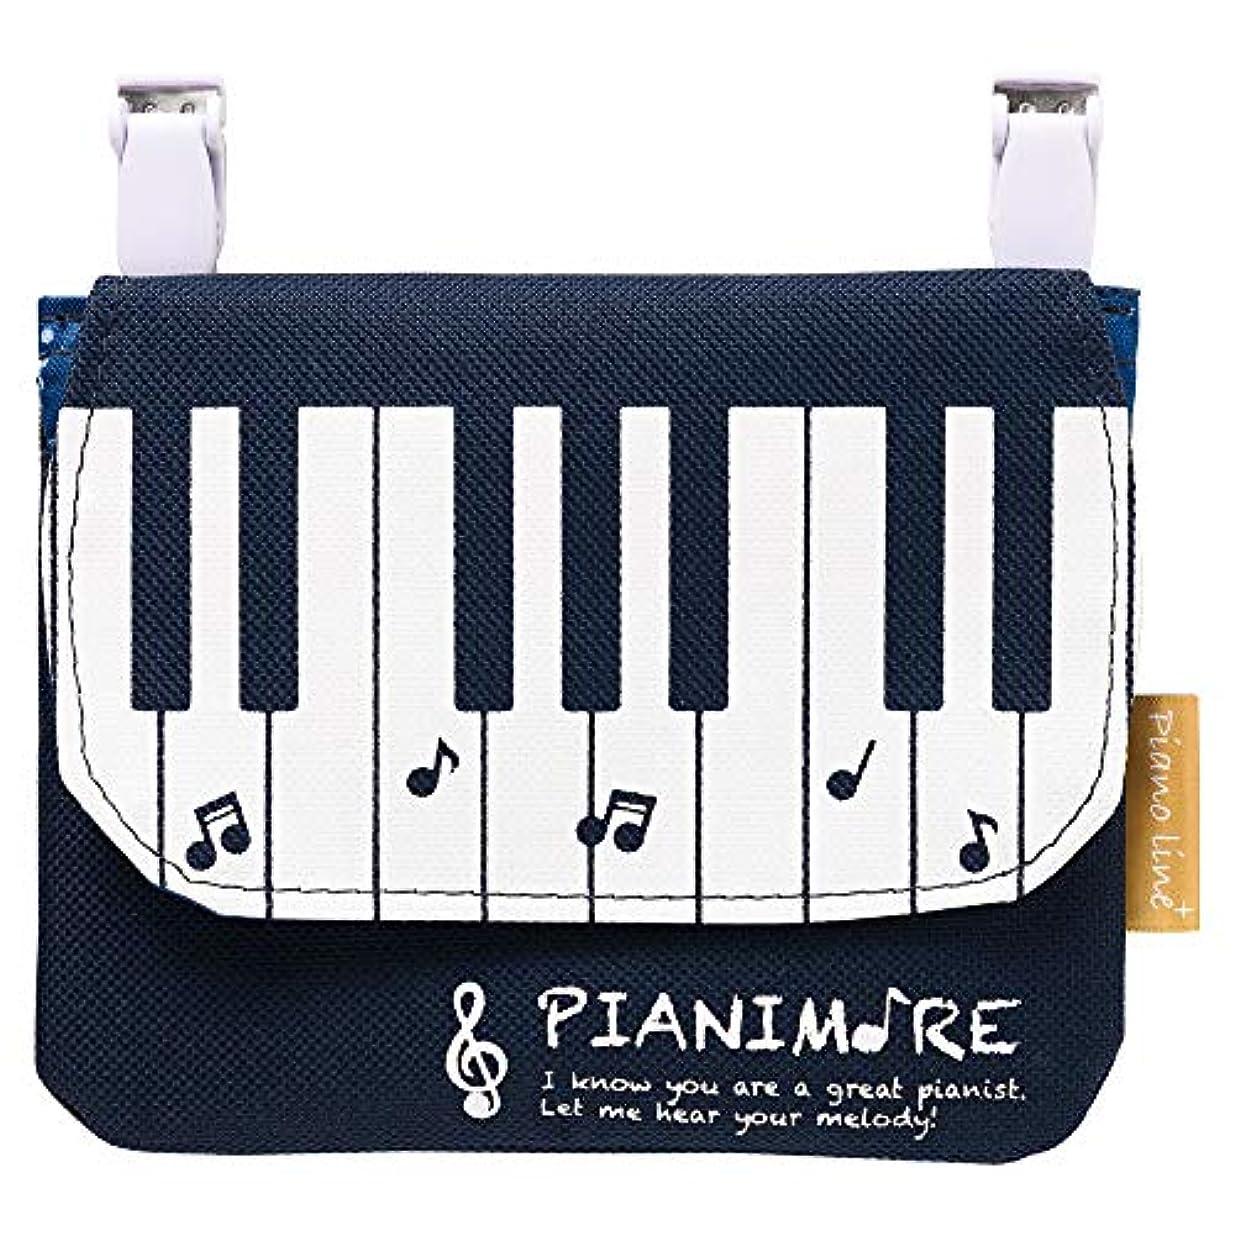 コテージ競争力のあるアリーナPianimore ポケットポーチ 鍵盤柄 移動ポケット ティッシュ入れ付き 女の子用